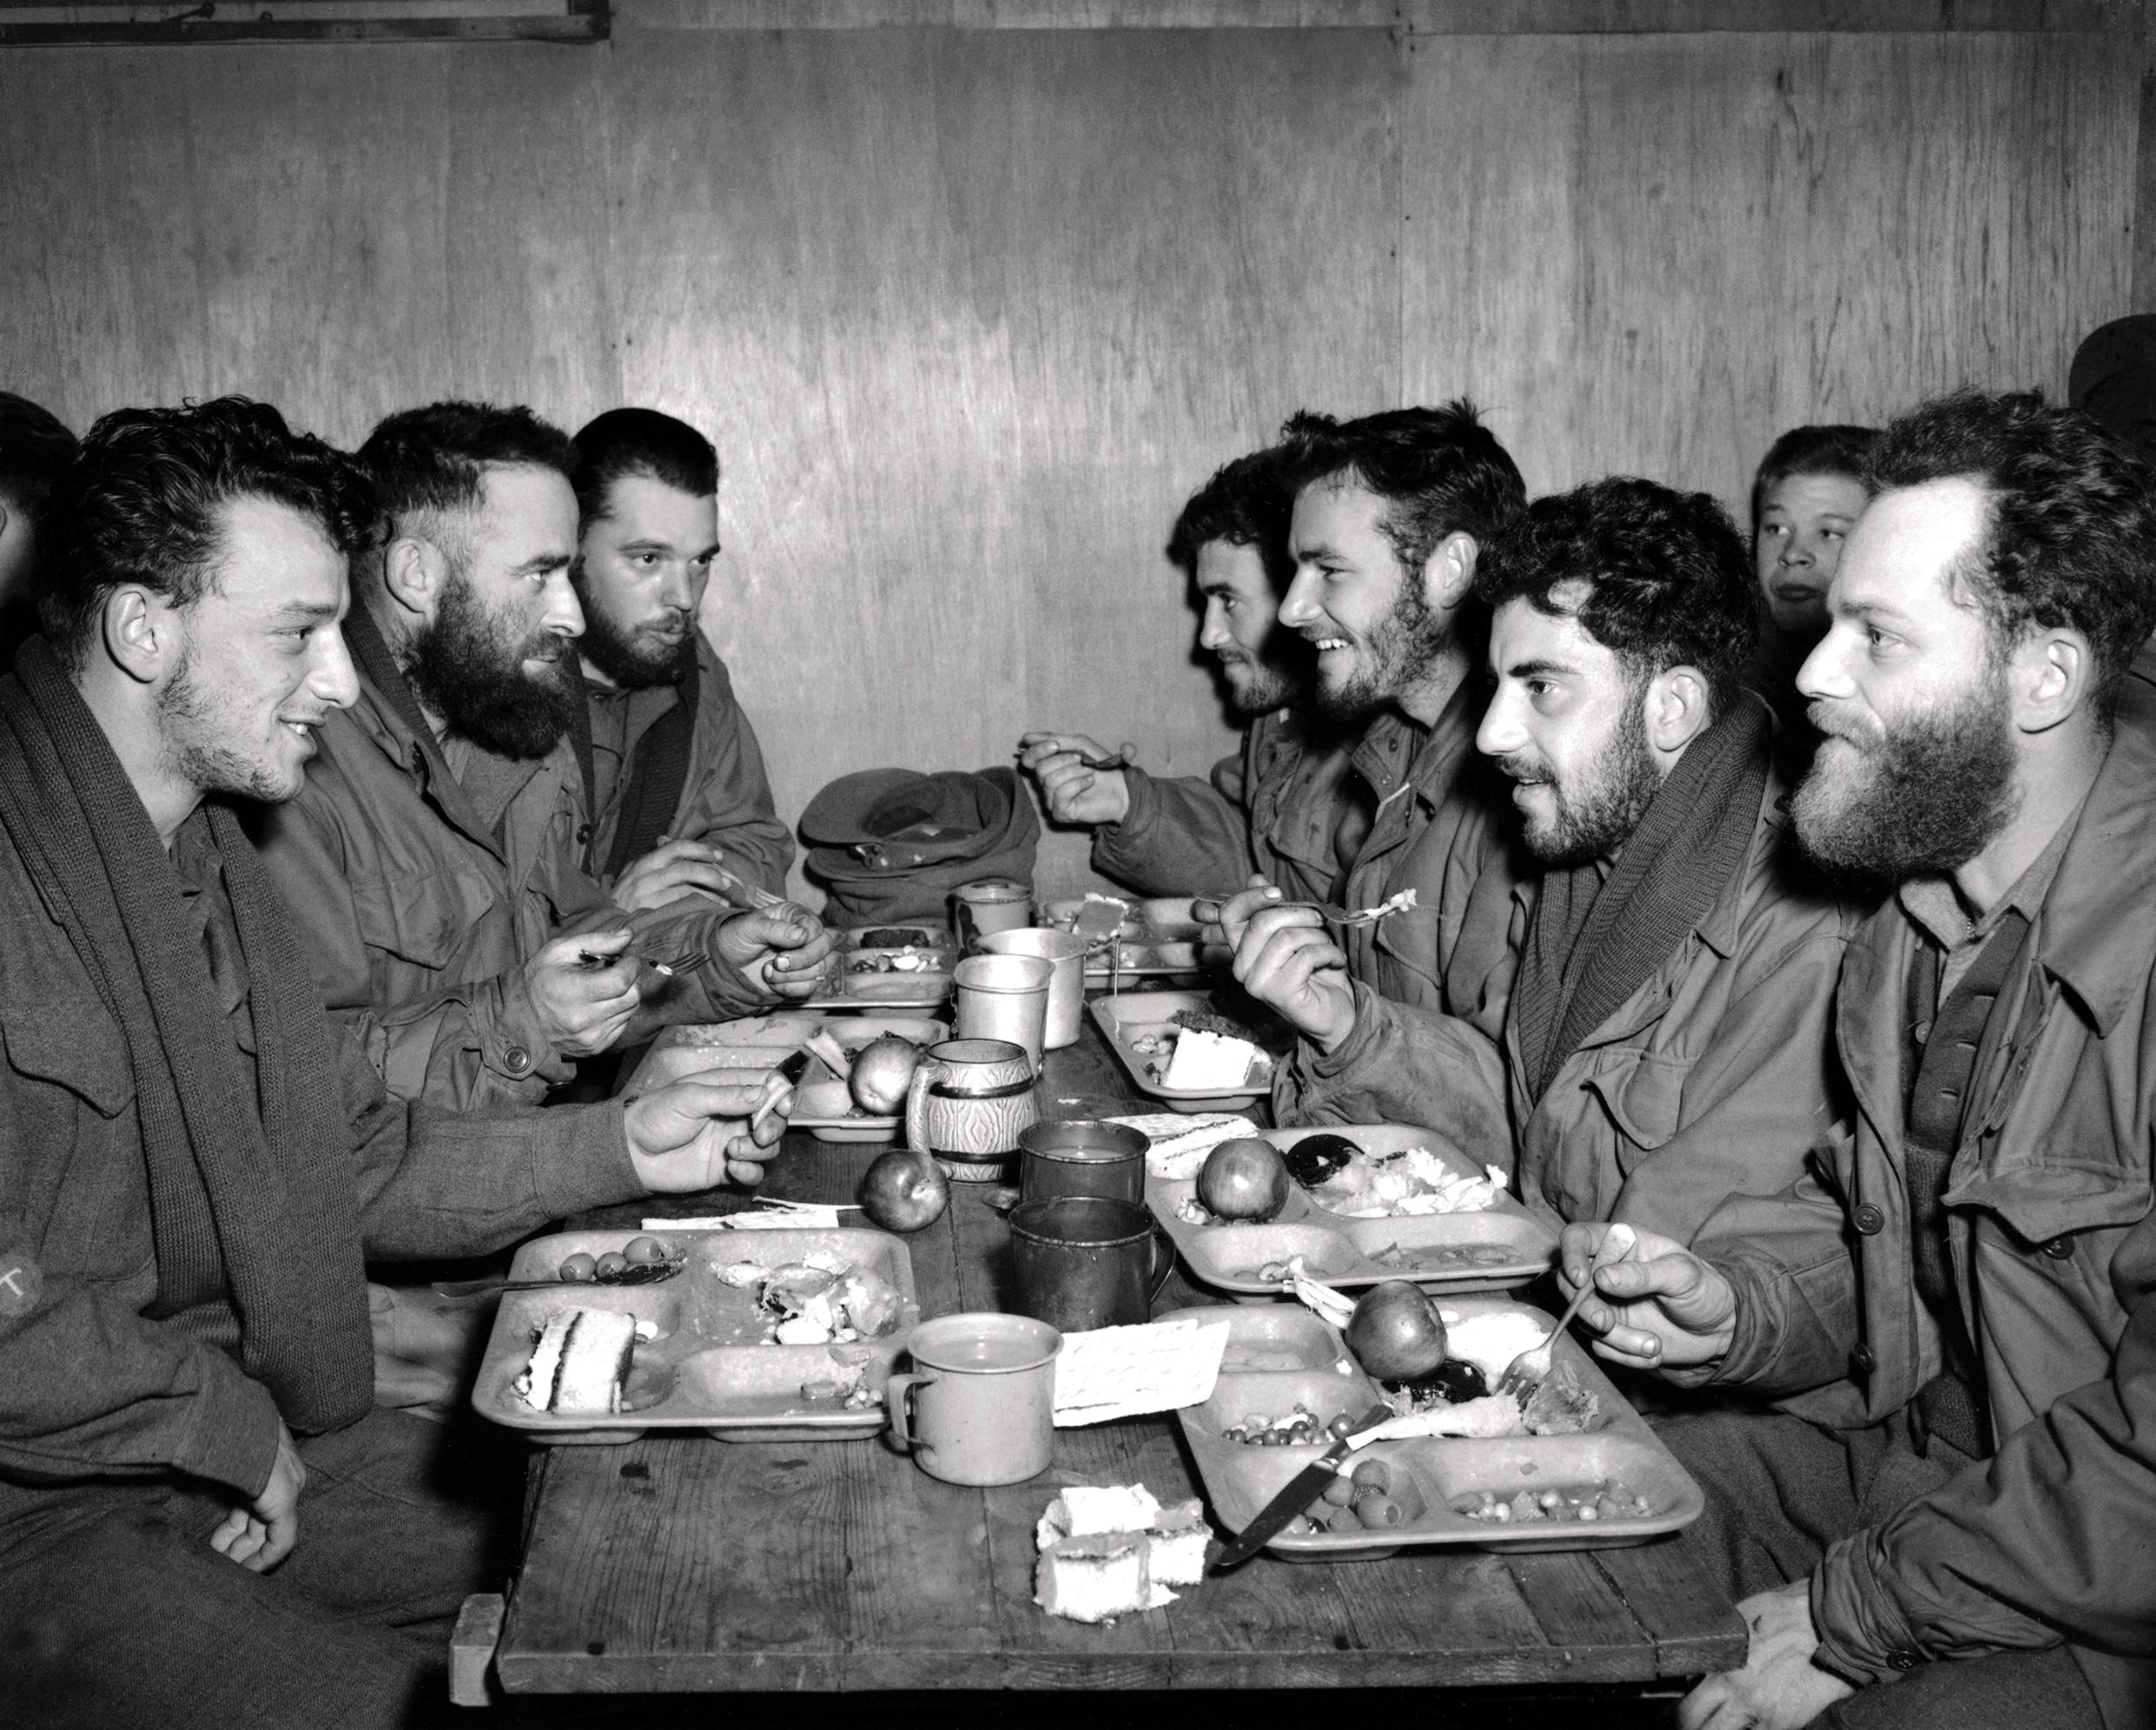 Historic Korean War Photo – Christmas Dinner, 1953